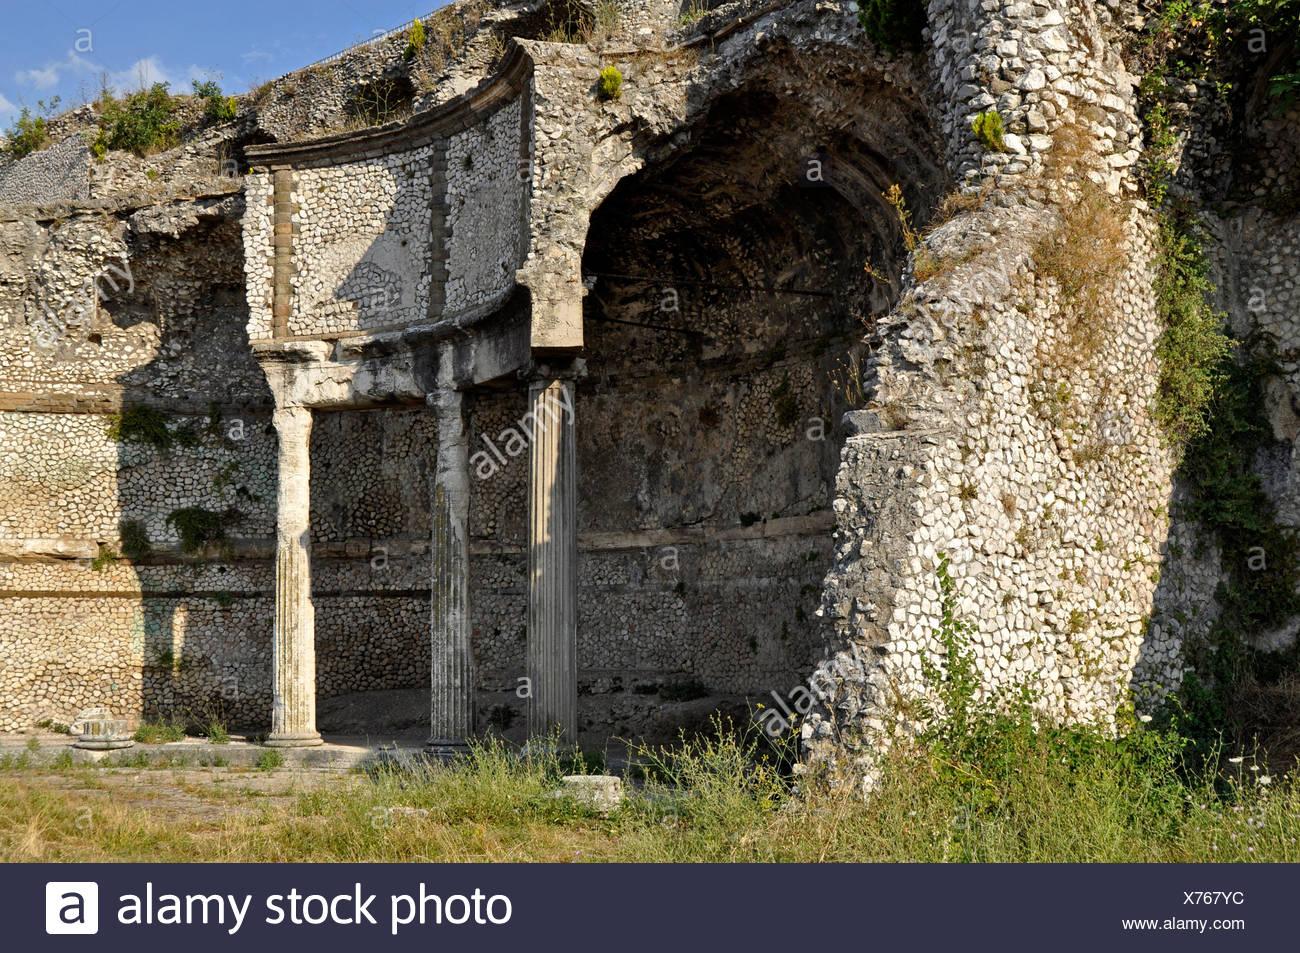 Remains of the ancient temple-shrine of the goddess Fortuna, Tempio della Fortuna Primigenia, Area Sacra, Palestrina, Lazio - Stock Image